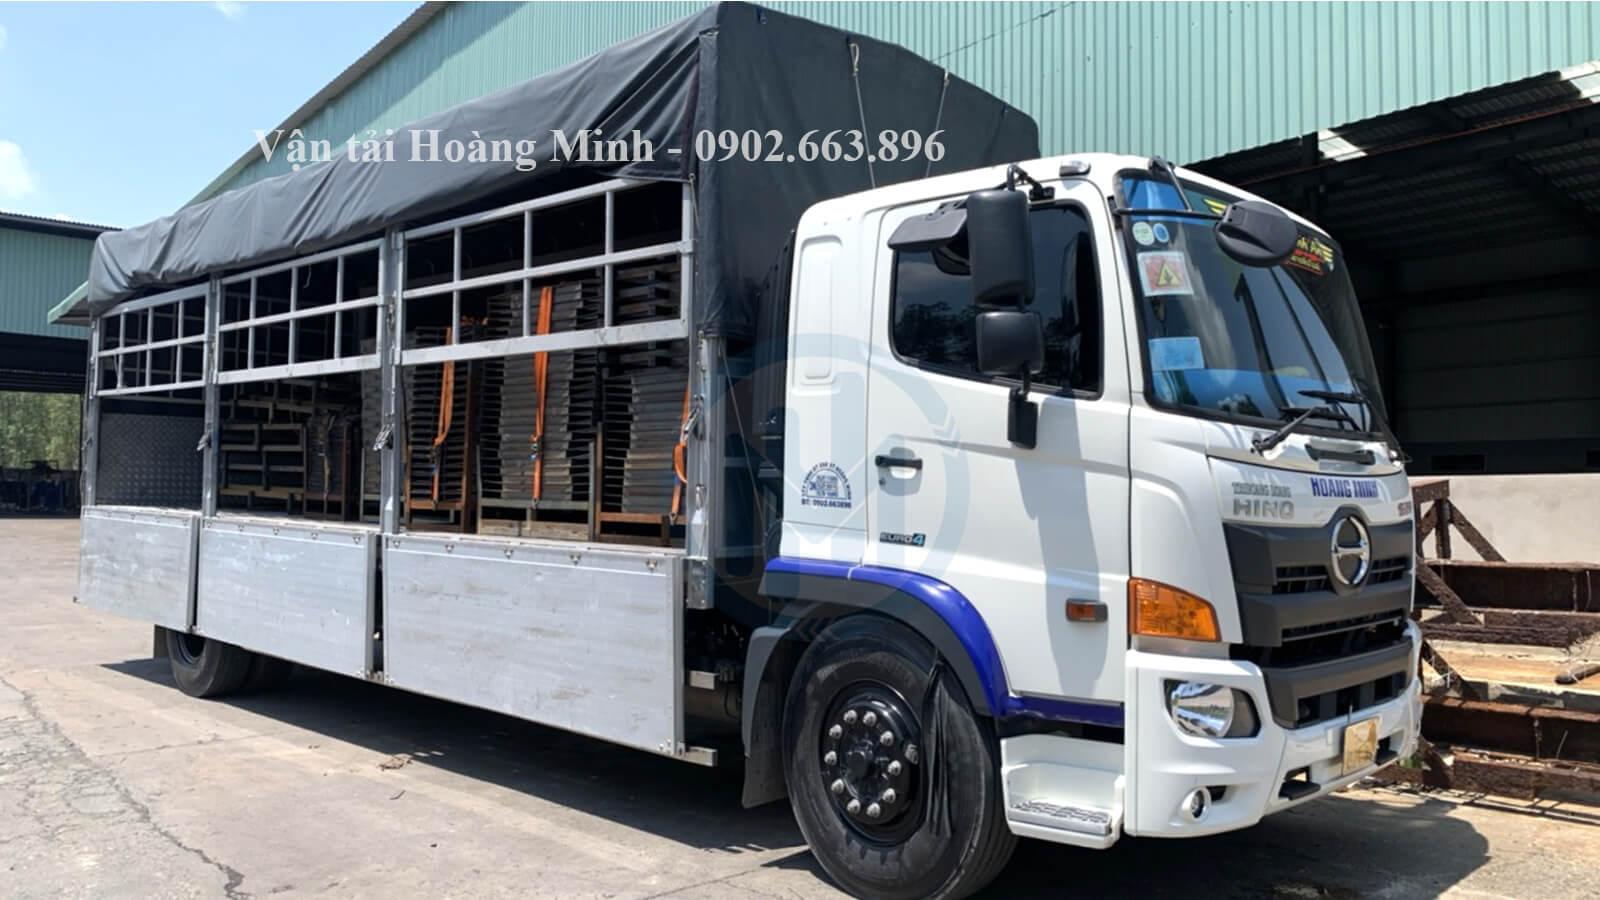 Kích thước thùng xe các loại xe tải chở hàng Quận 12 của Vận tải Hoàng Minh